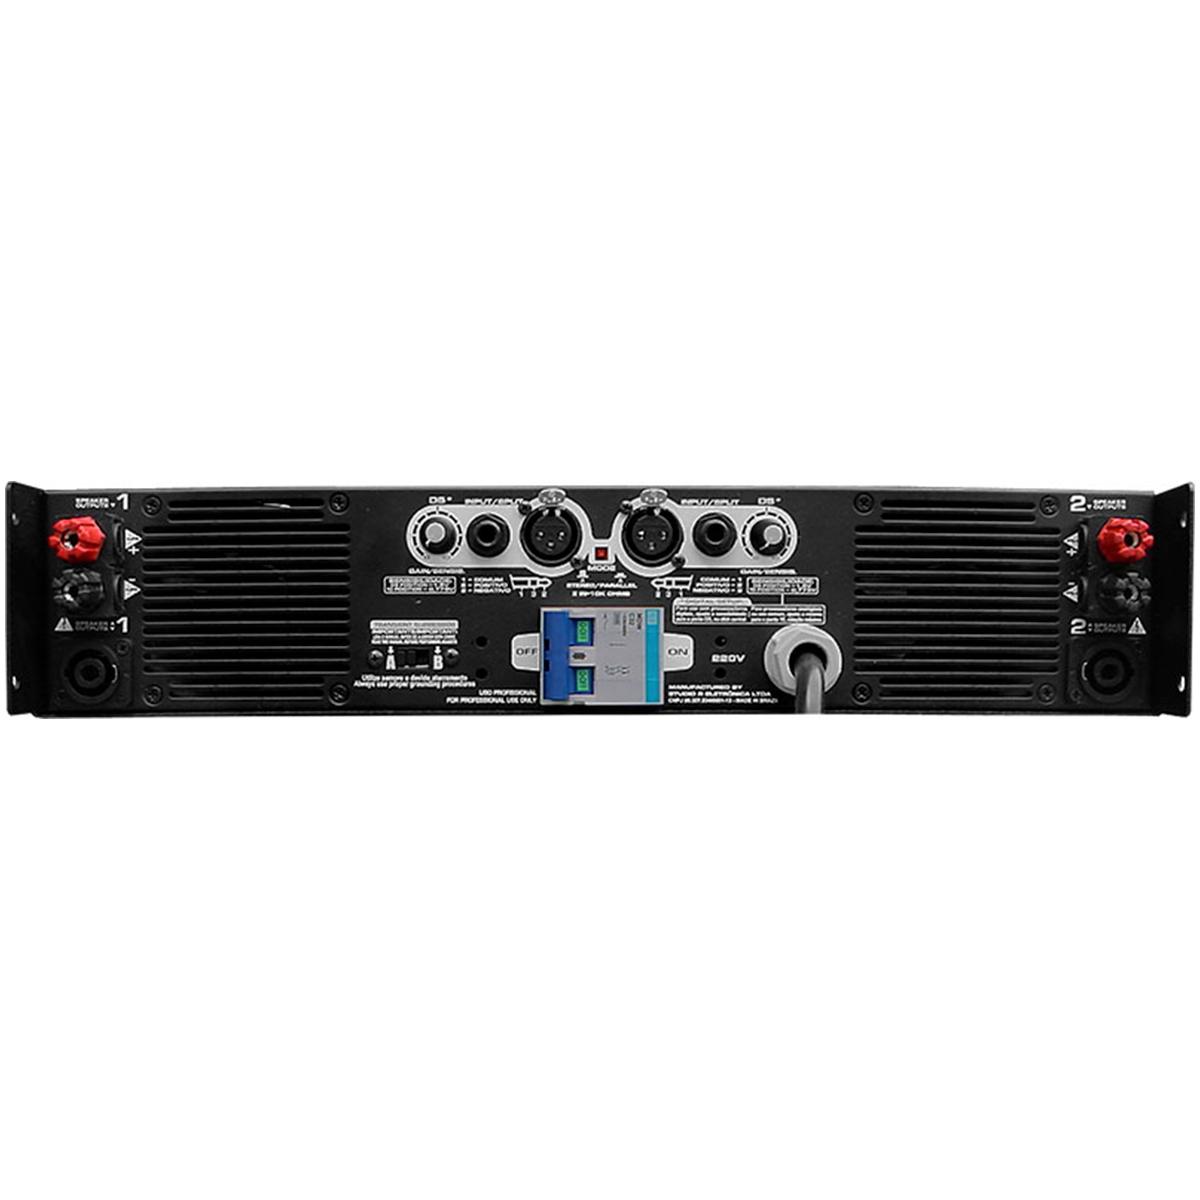 X1 - Amplificador Estéreo 2 Canais 1200W X1 Studio R